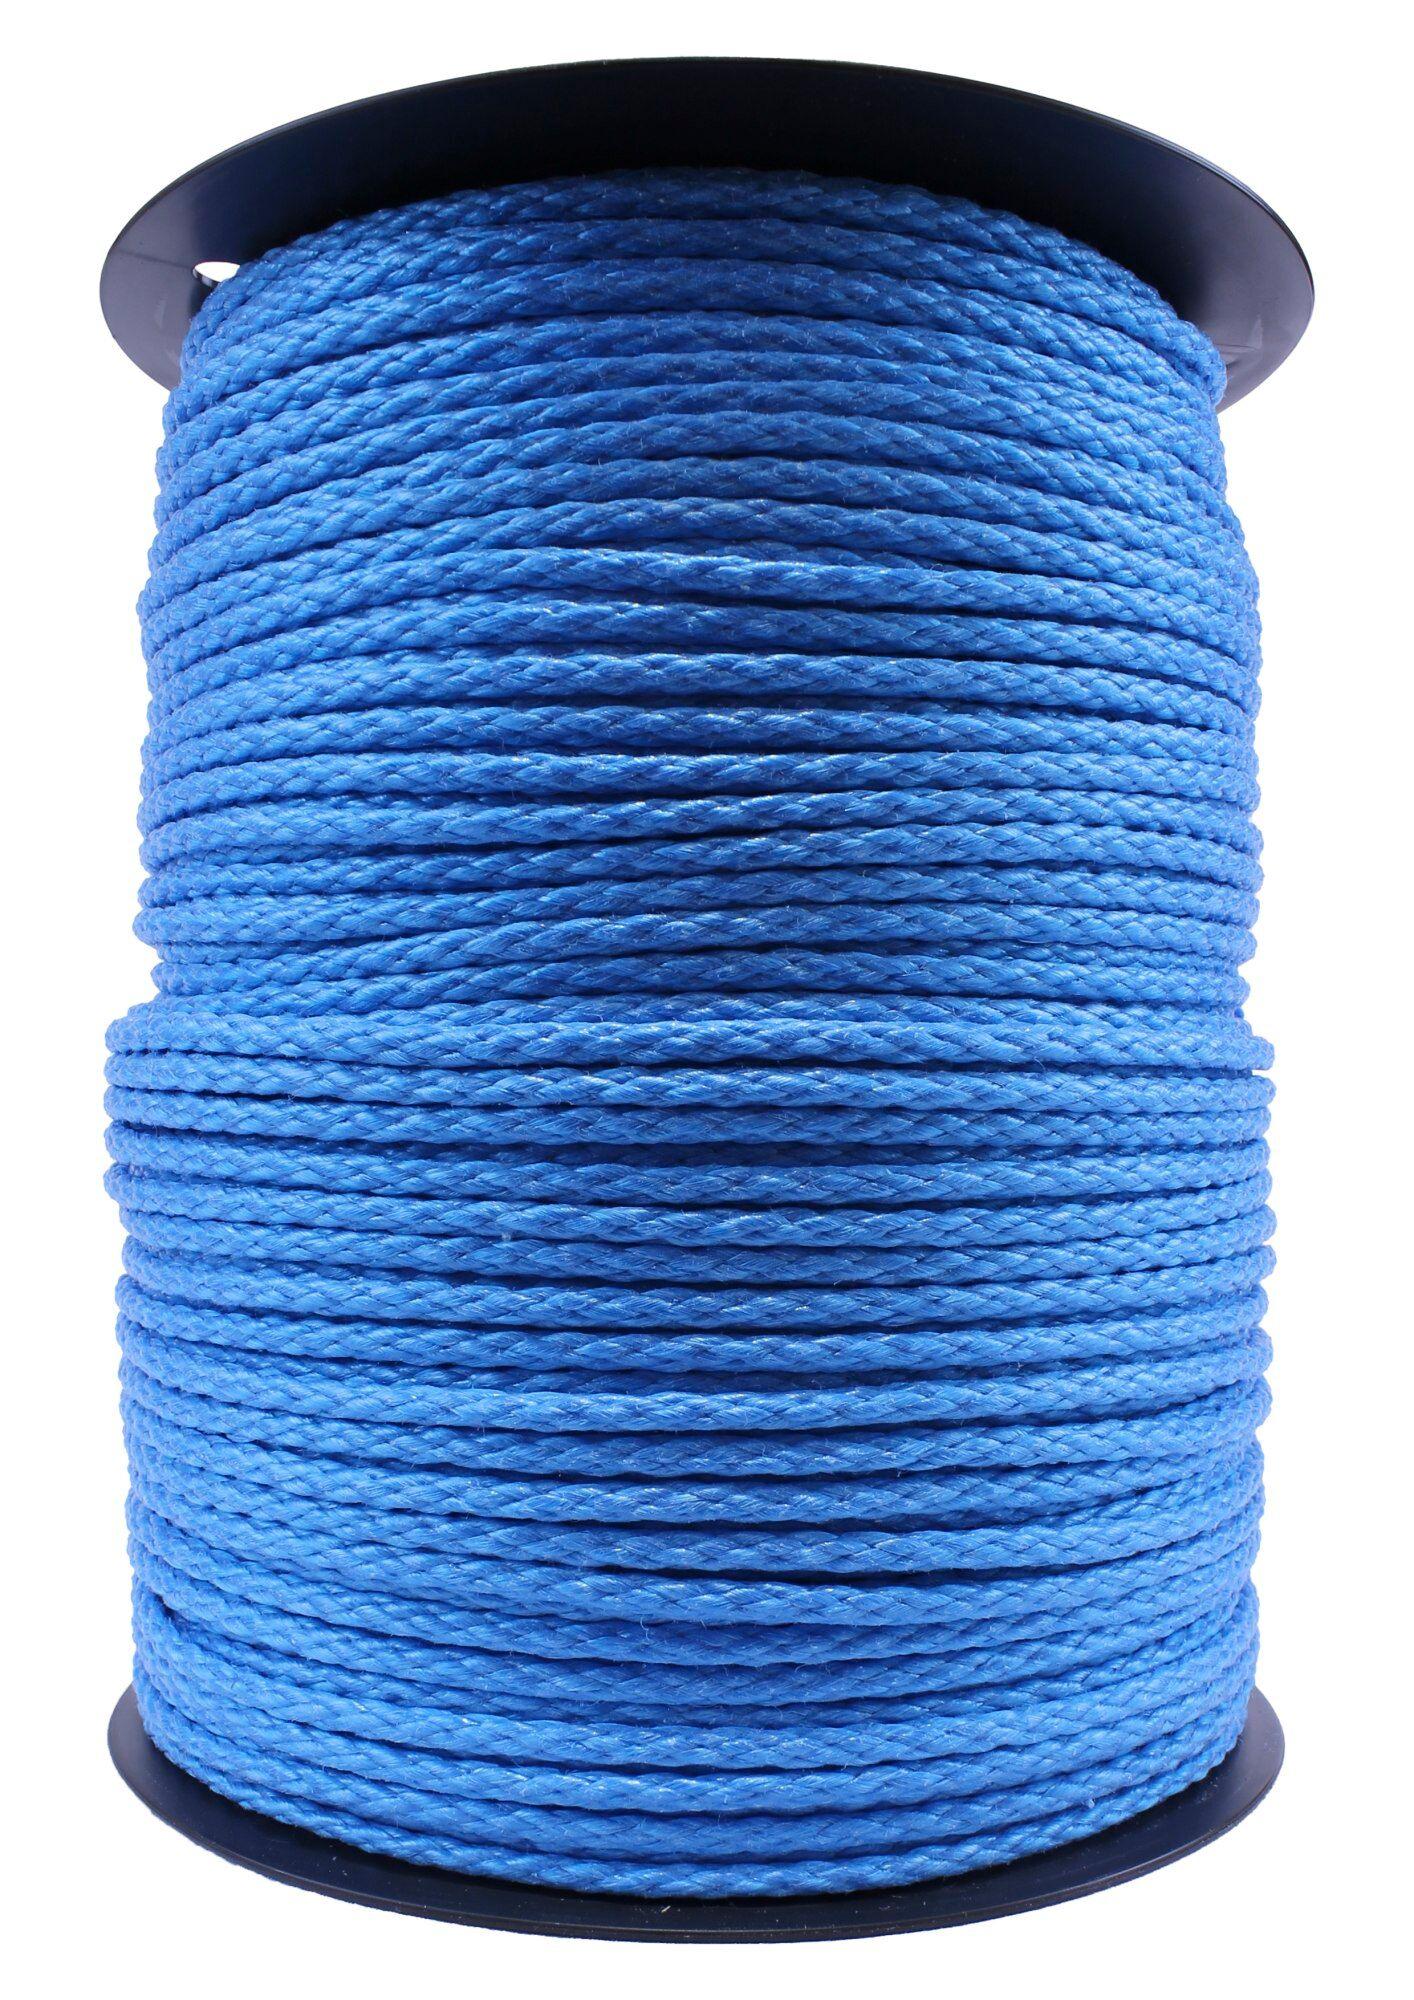 Piippo 6mm 410m sininen propeeniköysi